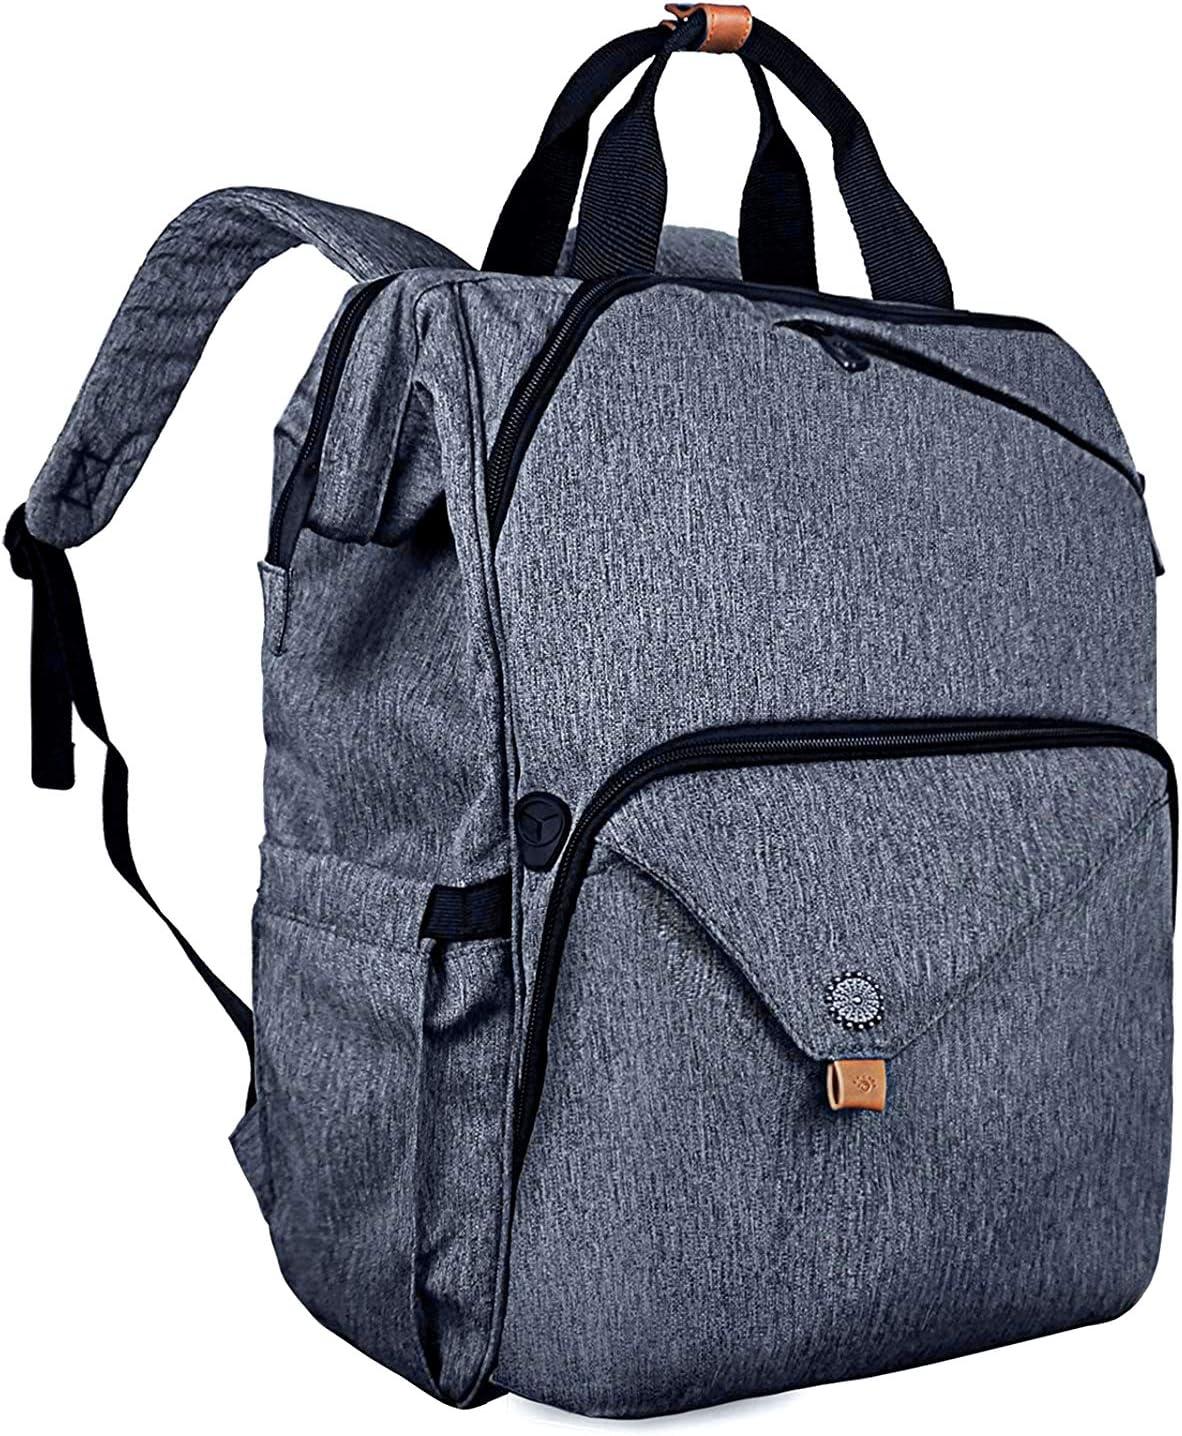 Hap Tim Laptop Backpack, Travel Backpack for Women,Work Backpack (7651-BG)